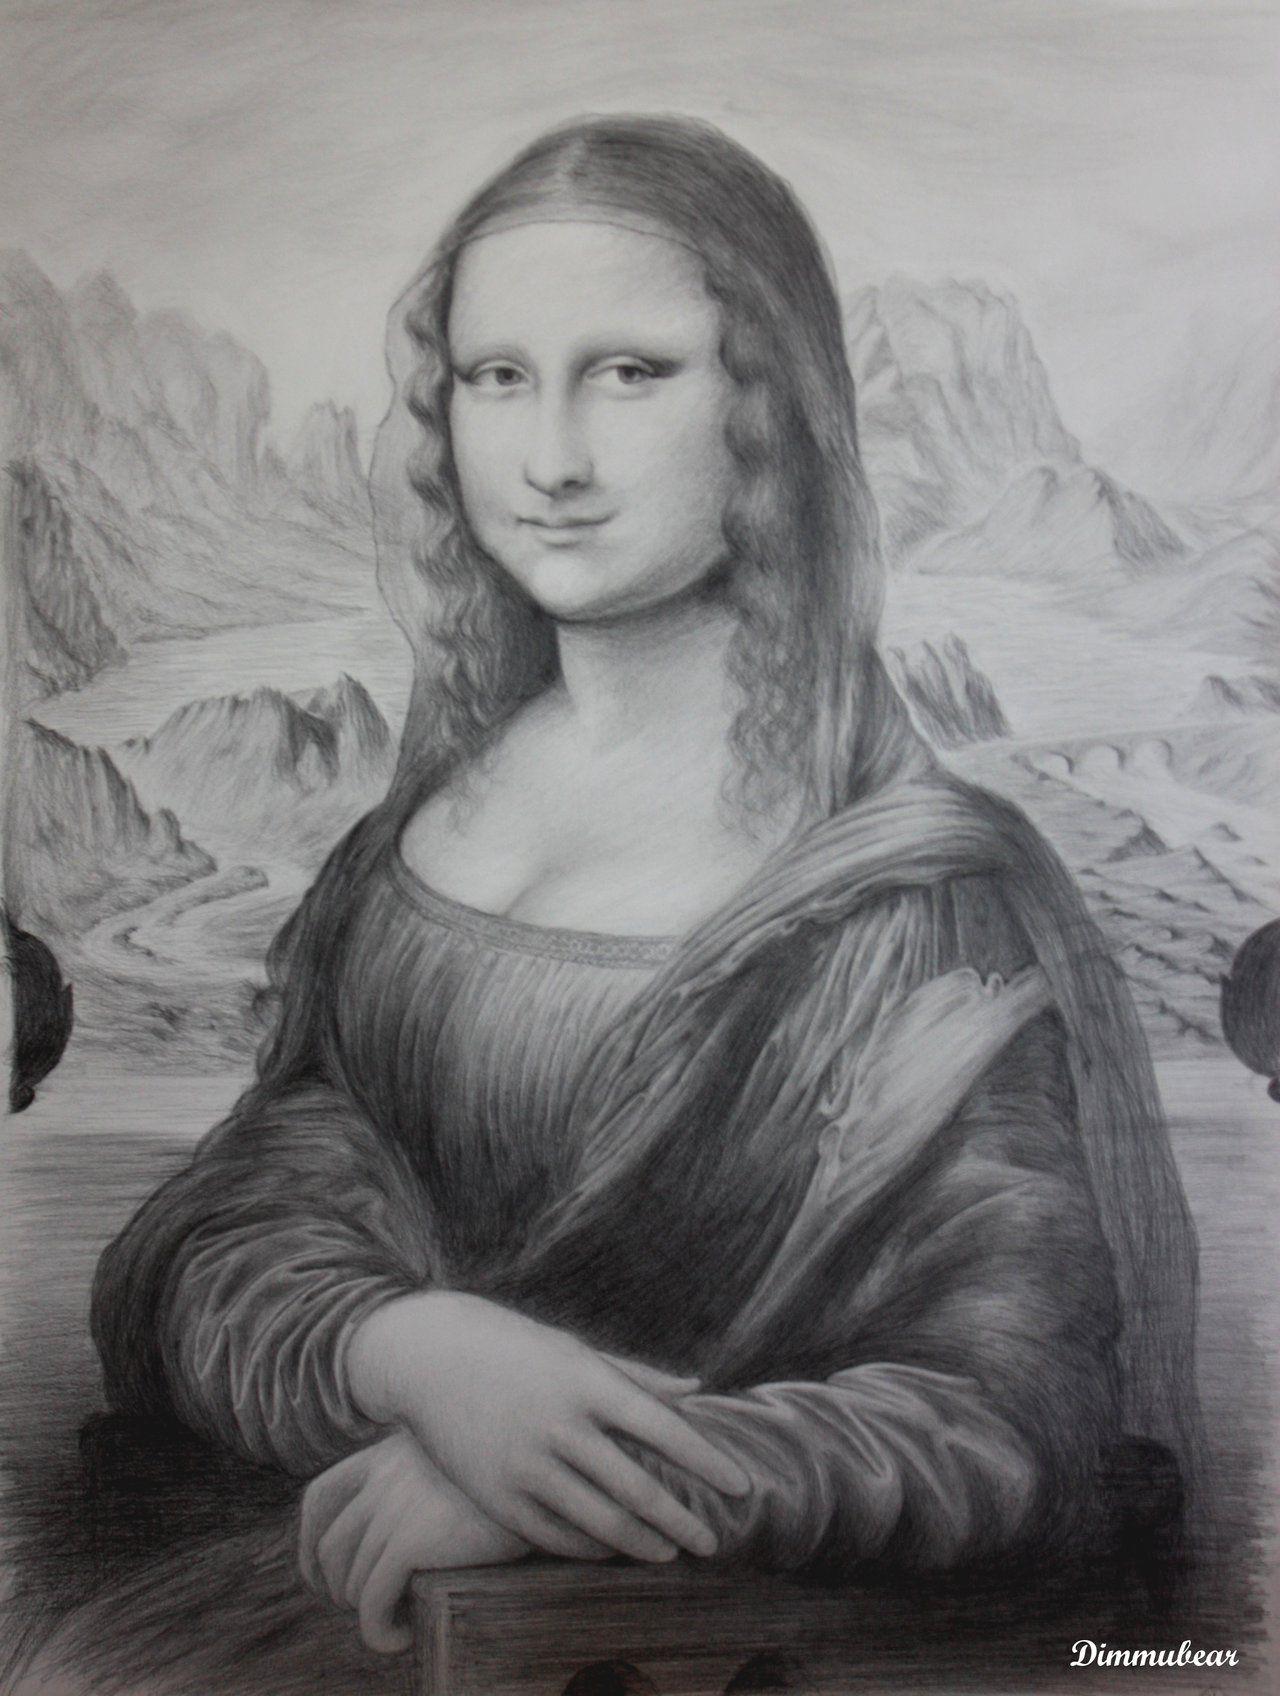 эмблемы картинка монолиза кто нарисовал бибер, вне